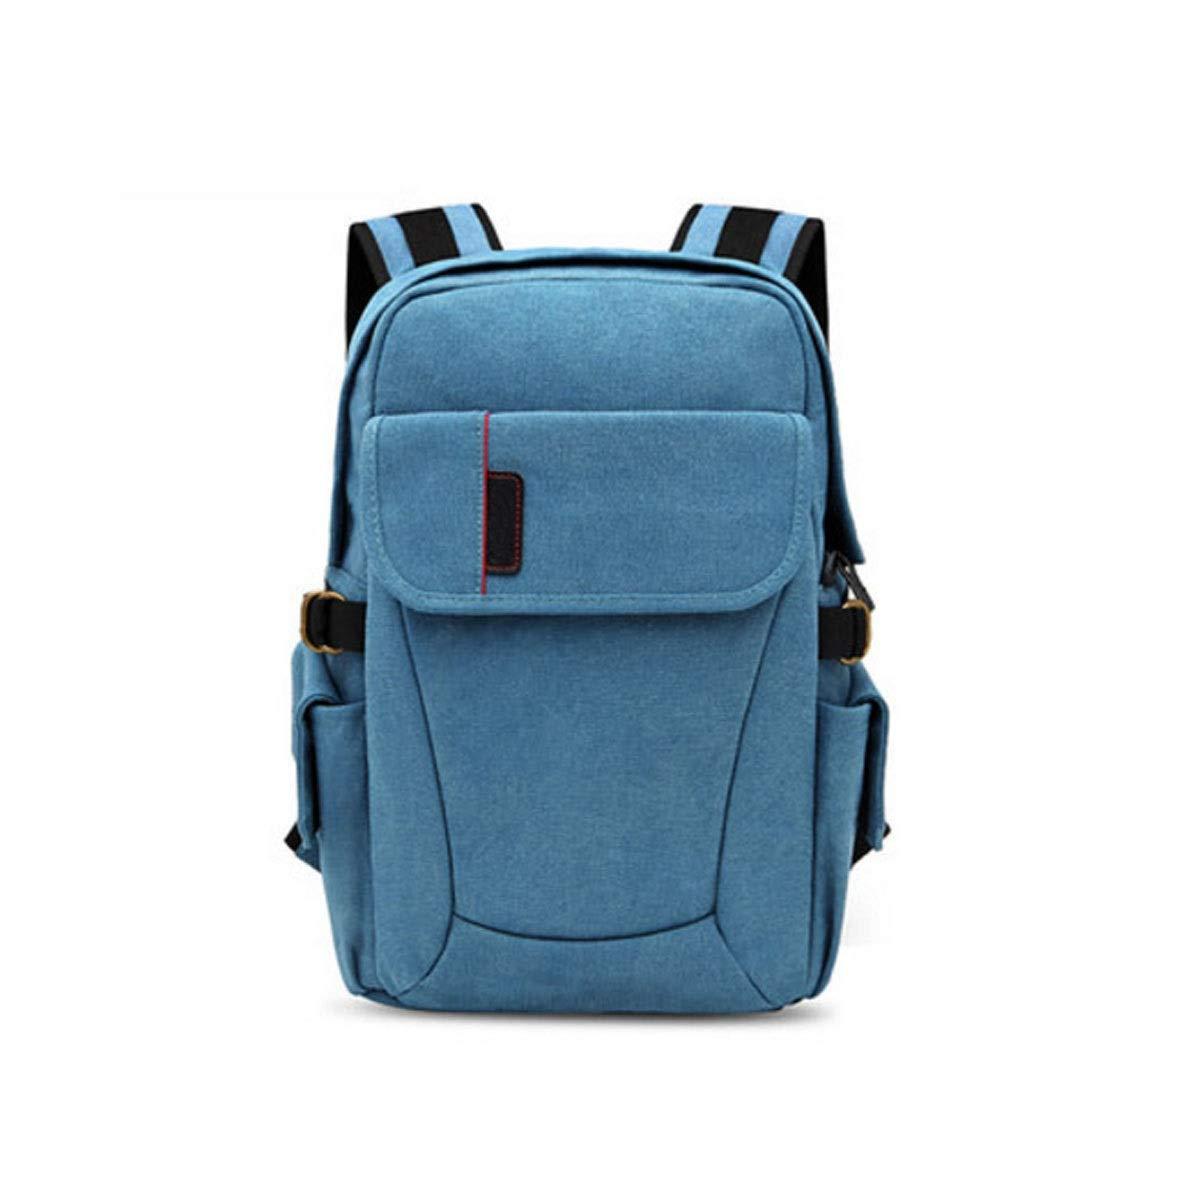 カメラバッグ、メンズ、レディースユニバーサルキャンバスカメラバッグ、ユースファッションスタイルバックパック、ピンクトランペット (Color : Blue trumpet) B07R3ZH9DM